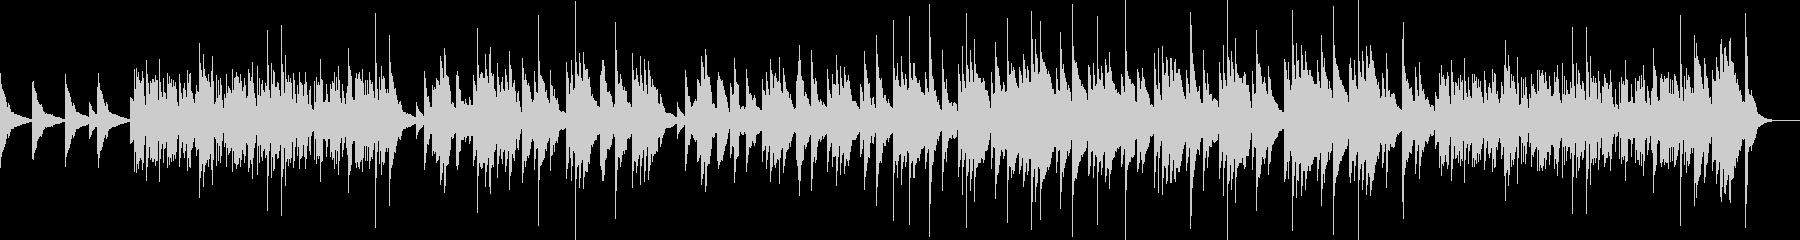 ピアノソロによる映像向きの曲の未再生の波形